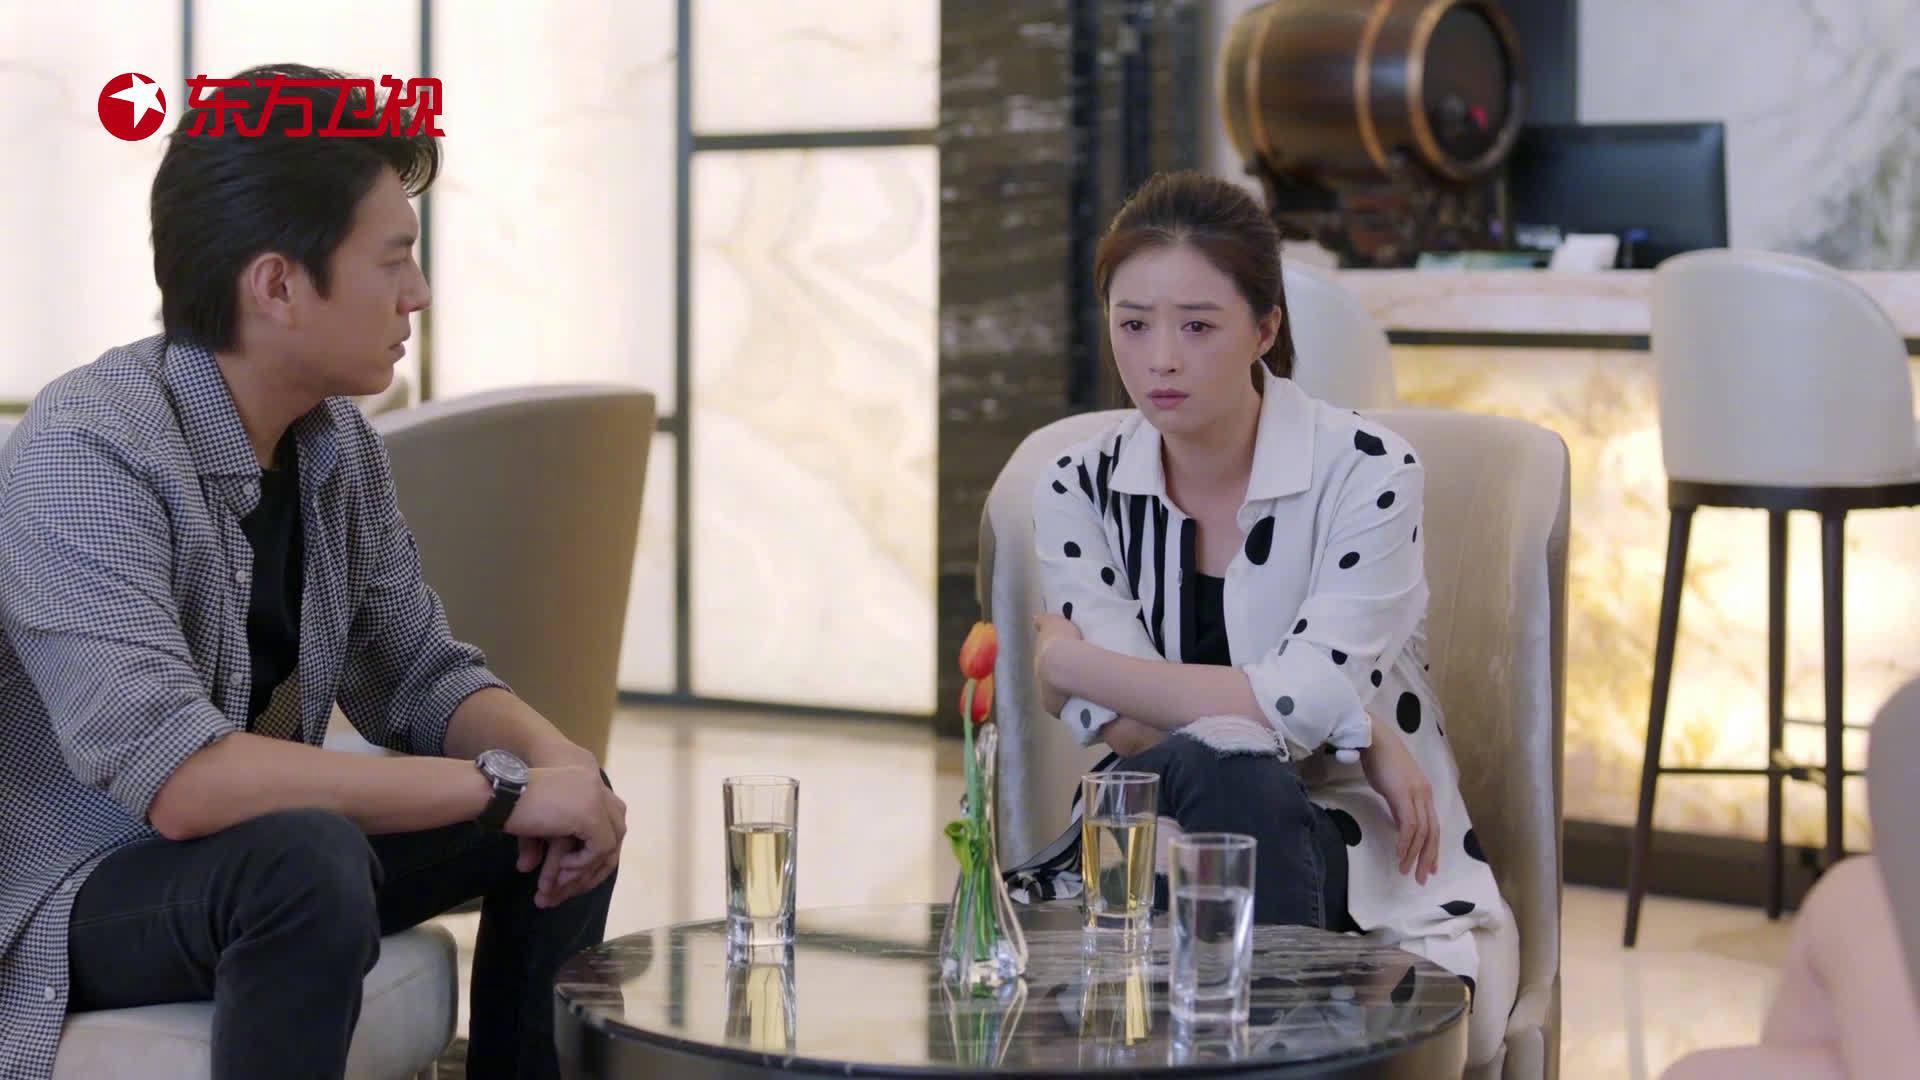 小美找前夫谈判,但前夫不同意走法律程序